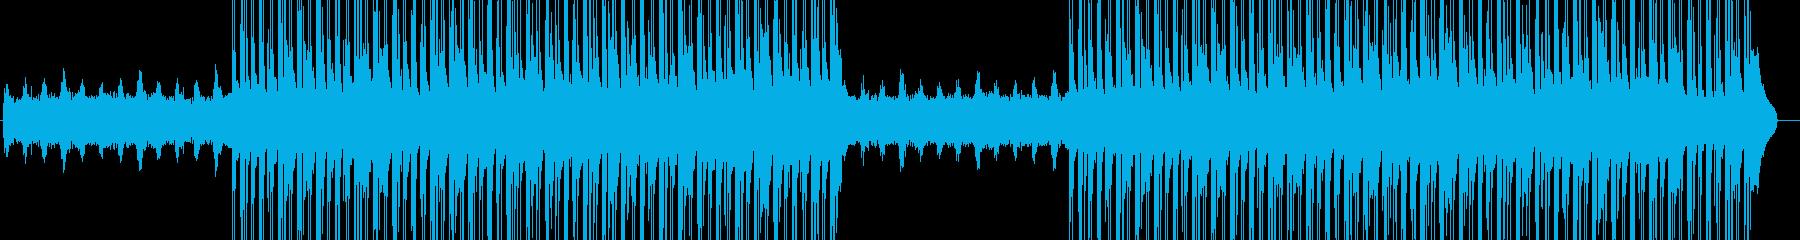 ドキドキ感シリアスなシンセサイザー曲の再生済みの波形